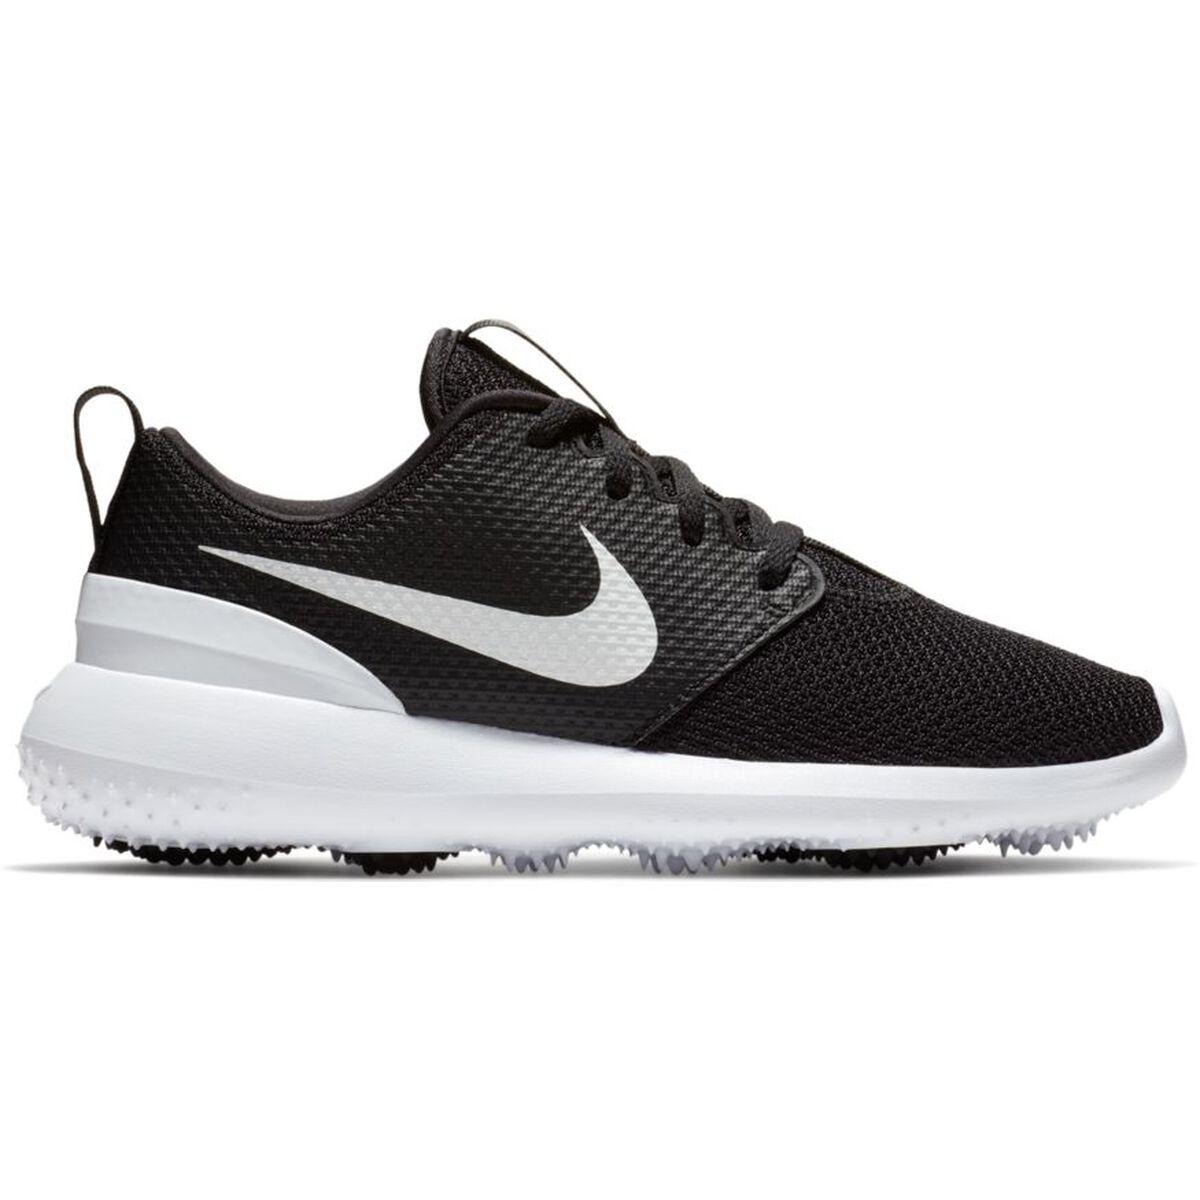 66a8e71af66 Nike Roshe G Junior Golf Shoe - Black White